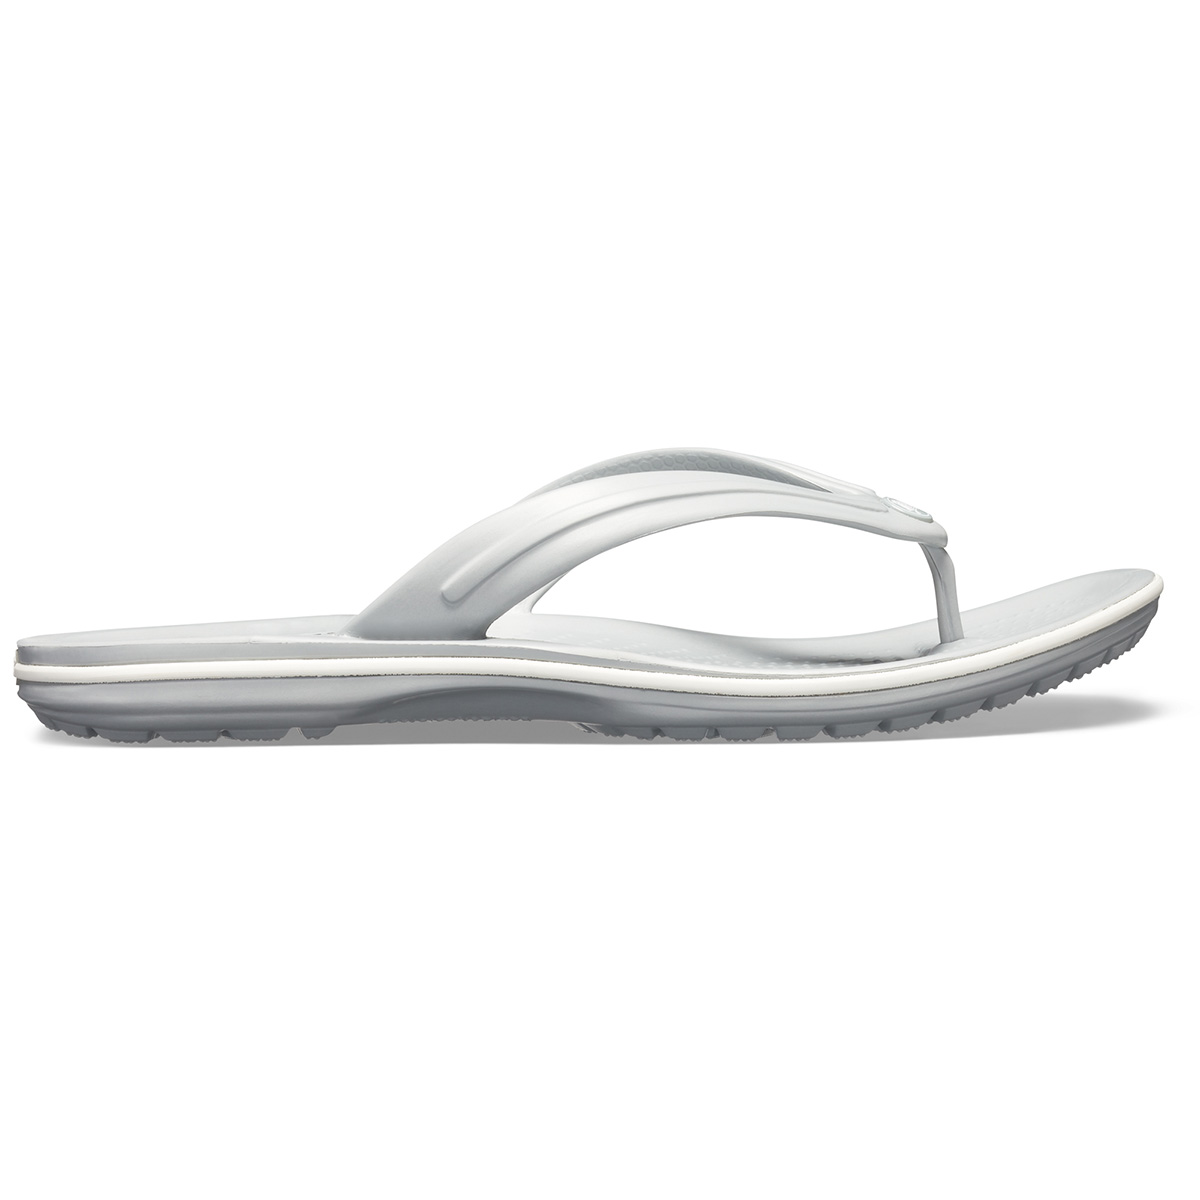 Crocs Crocband Flip - Açık Gri/Beyaz